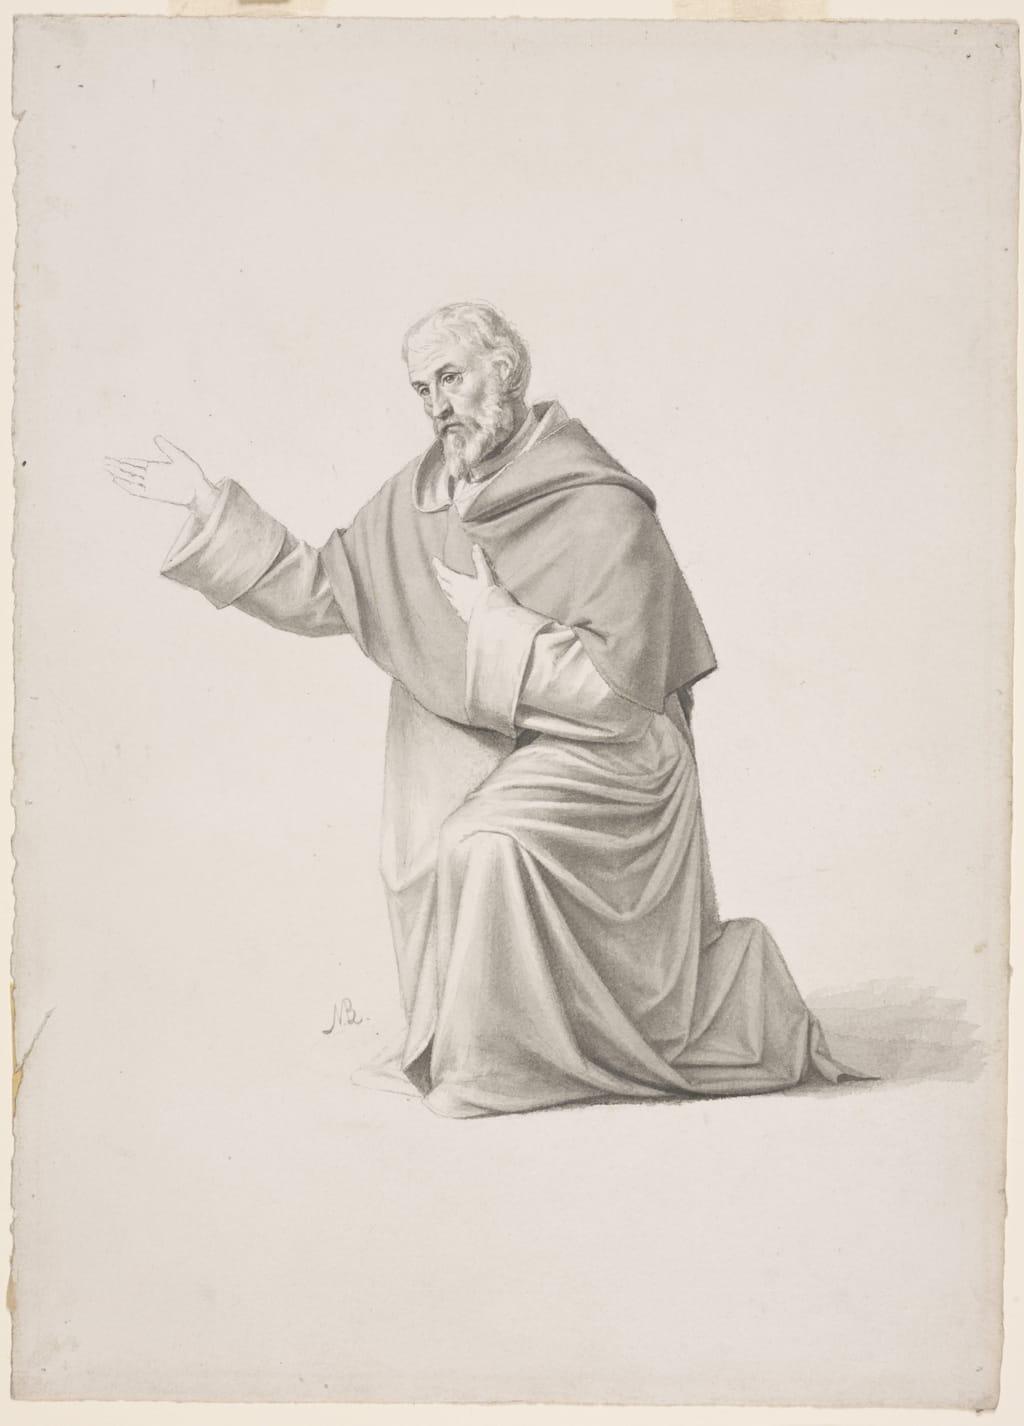 Dominicain agenouillé. Étude pour « Saint Hyacinthe quitte le couvent Sainte-Sabine de Rome pour la Pologne » de la cathédrale de Saint-Hyacinthe